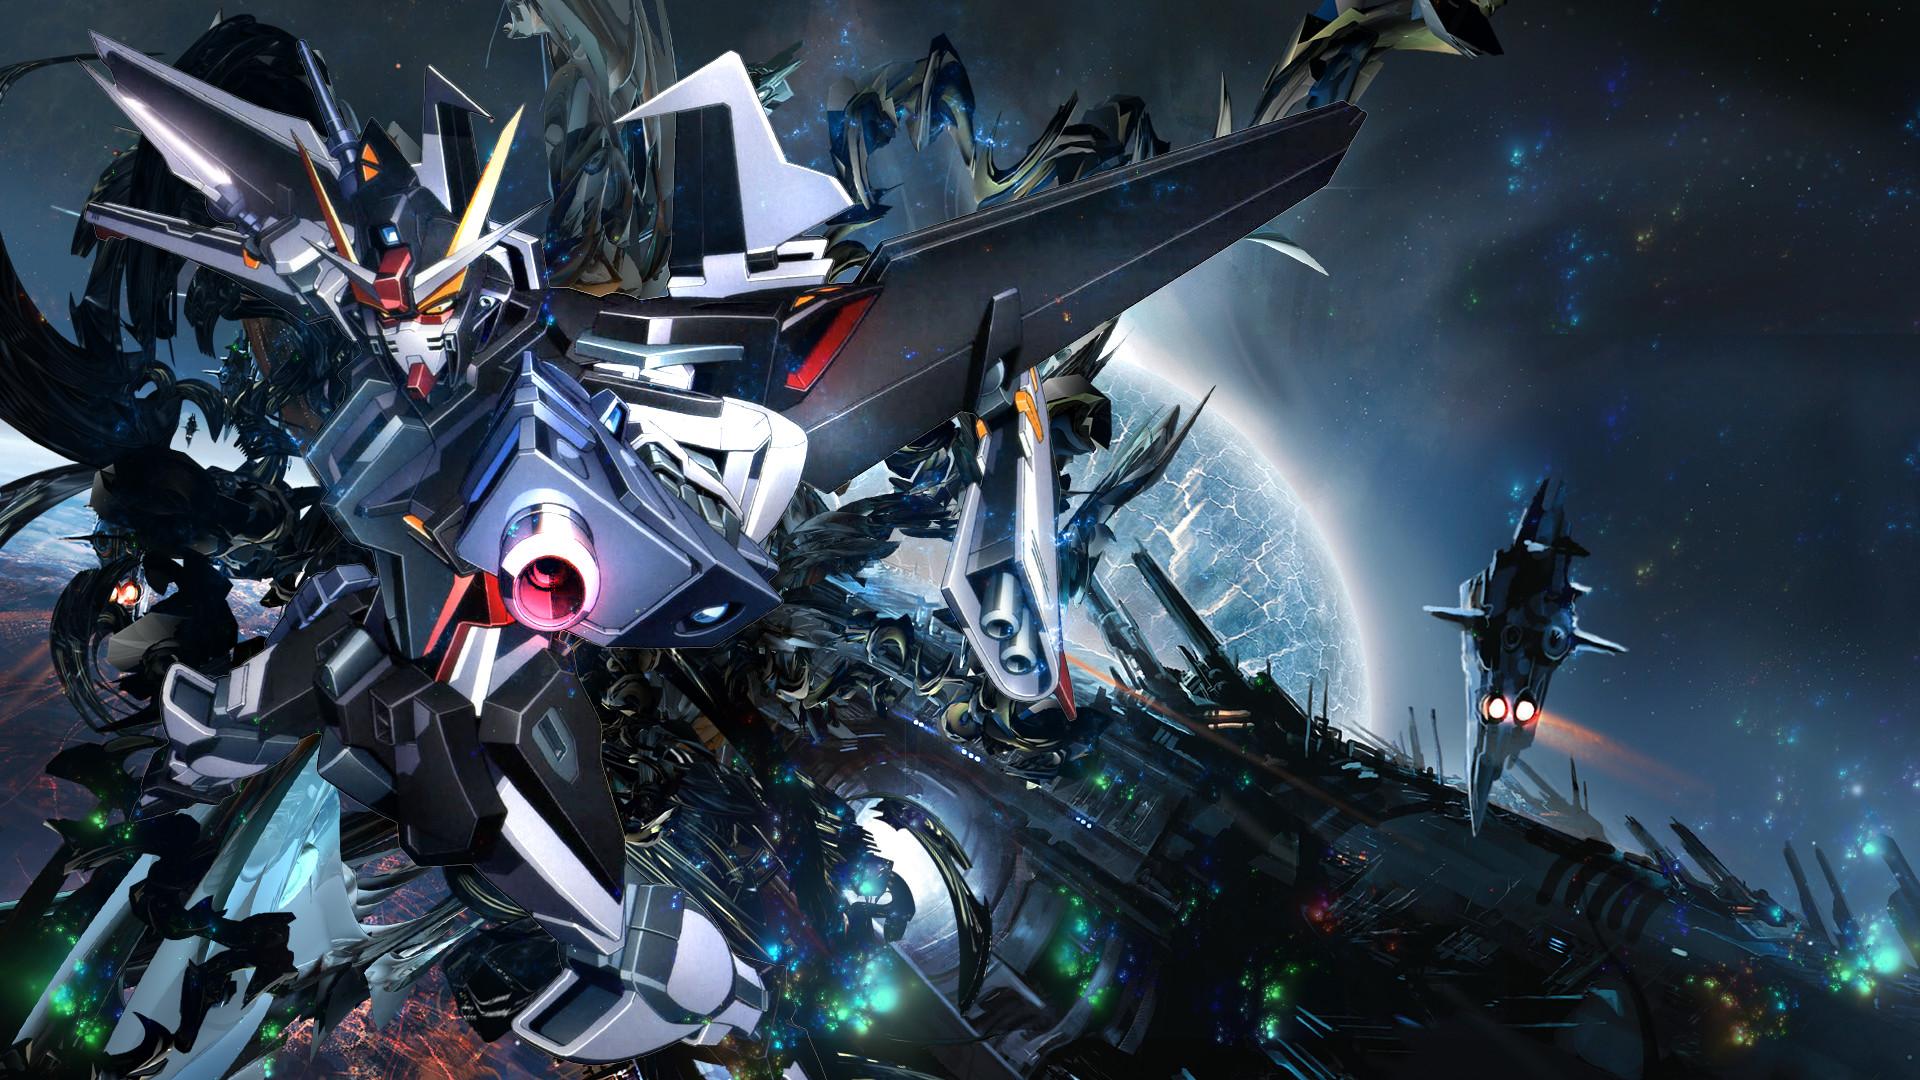 175 Gundam HD Wallpapers   Backgrounds – Wallpaper Abyss   Best Games  Wallpapers   Pinterest   Gundam and Gundam art